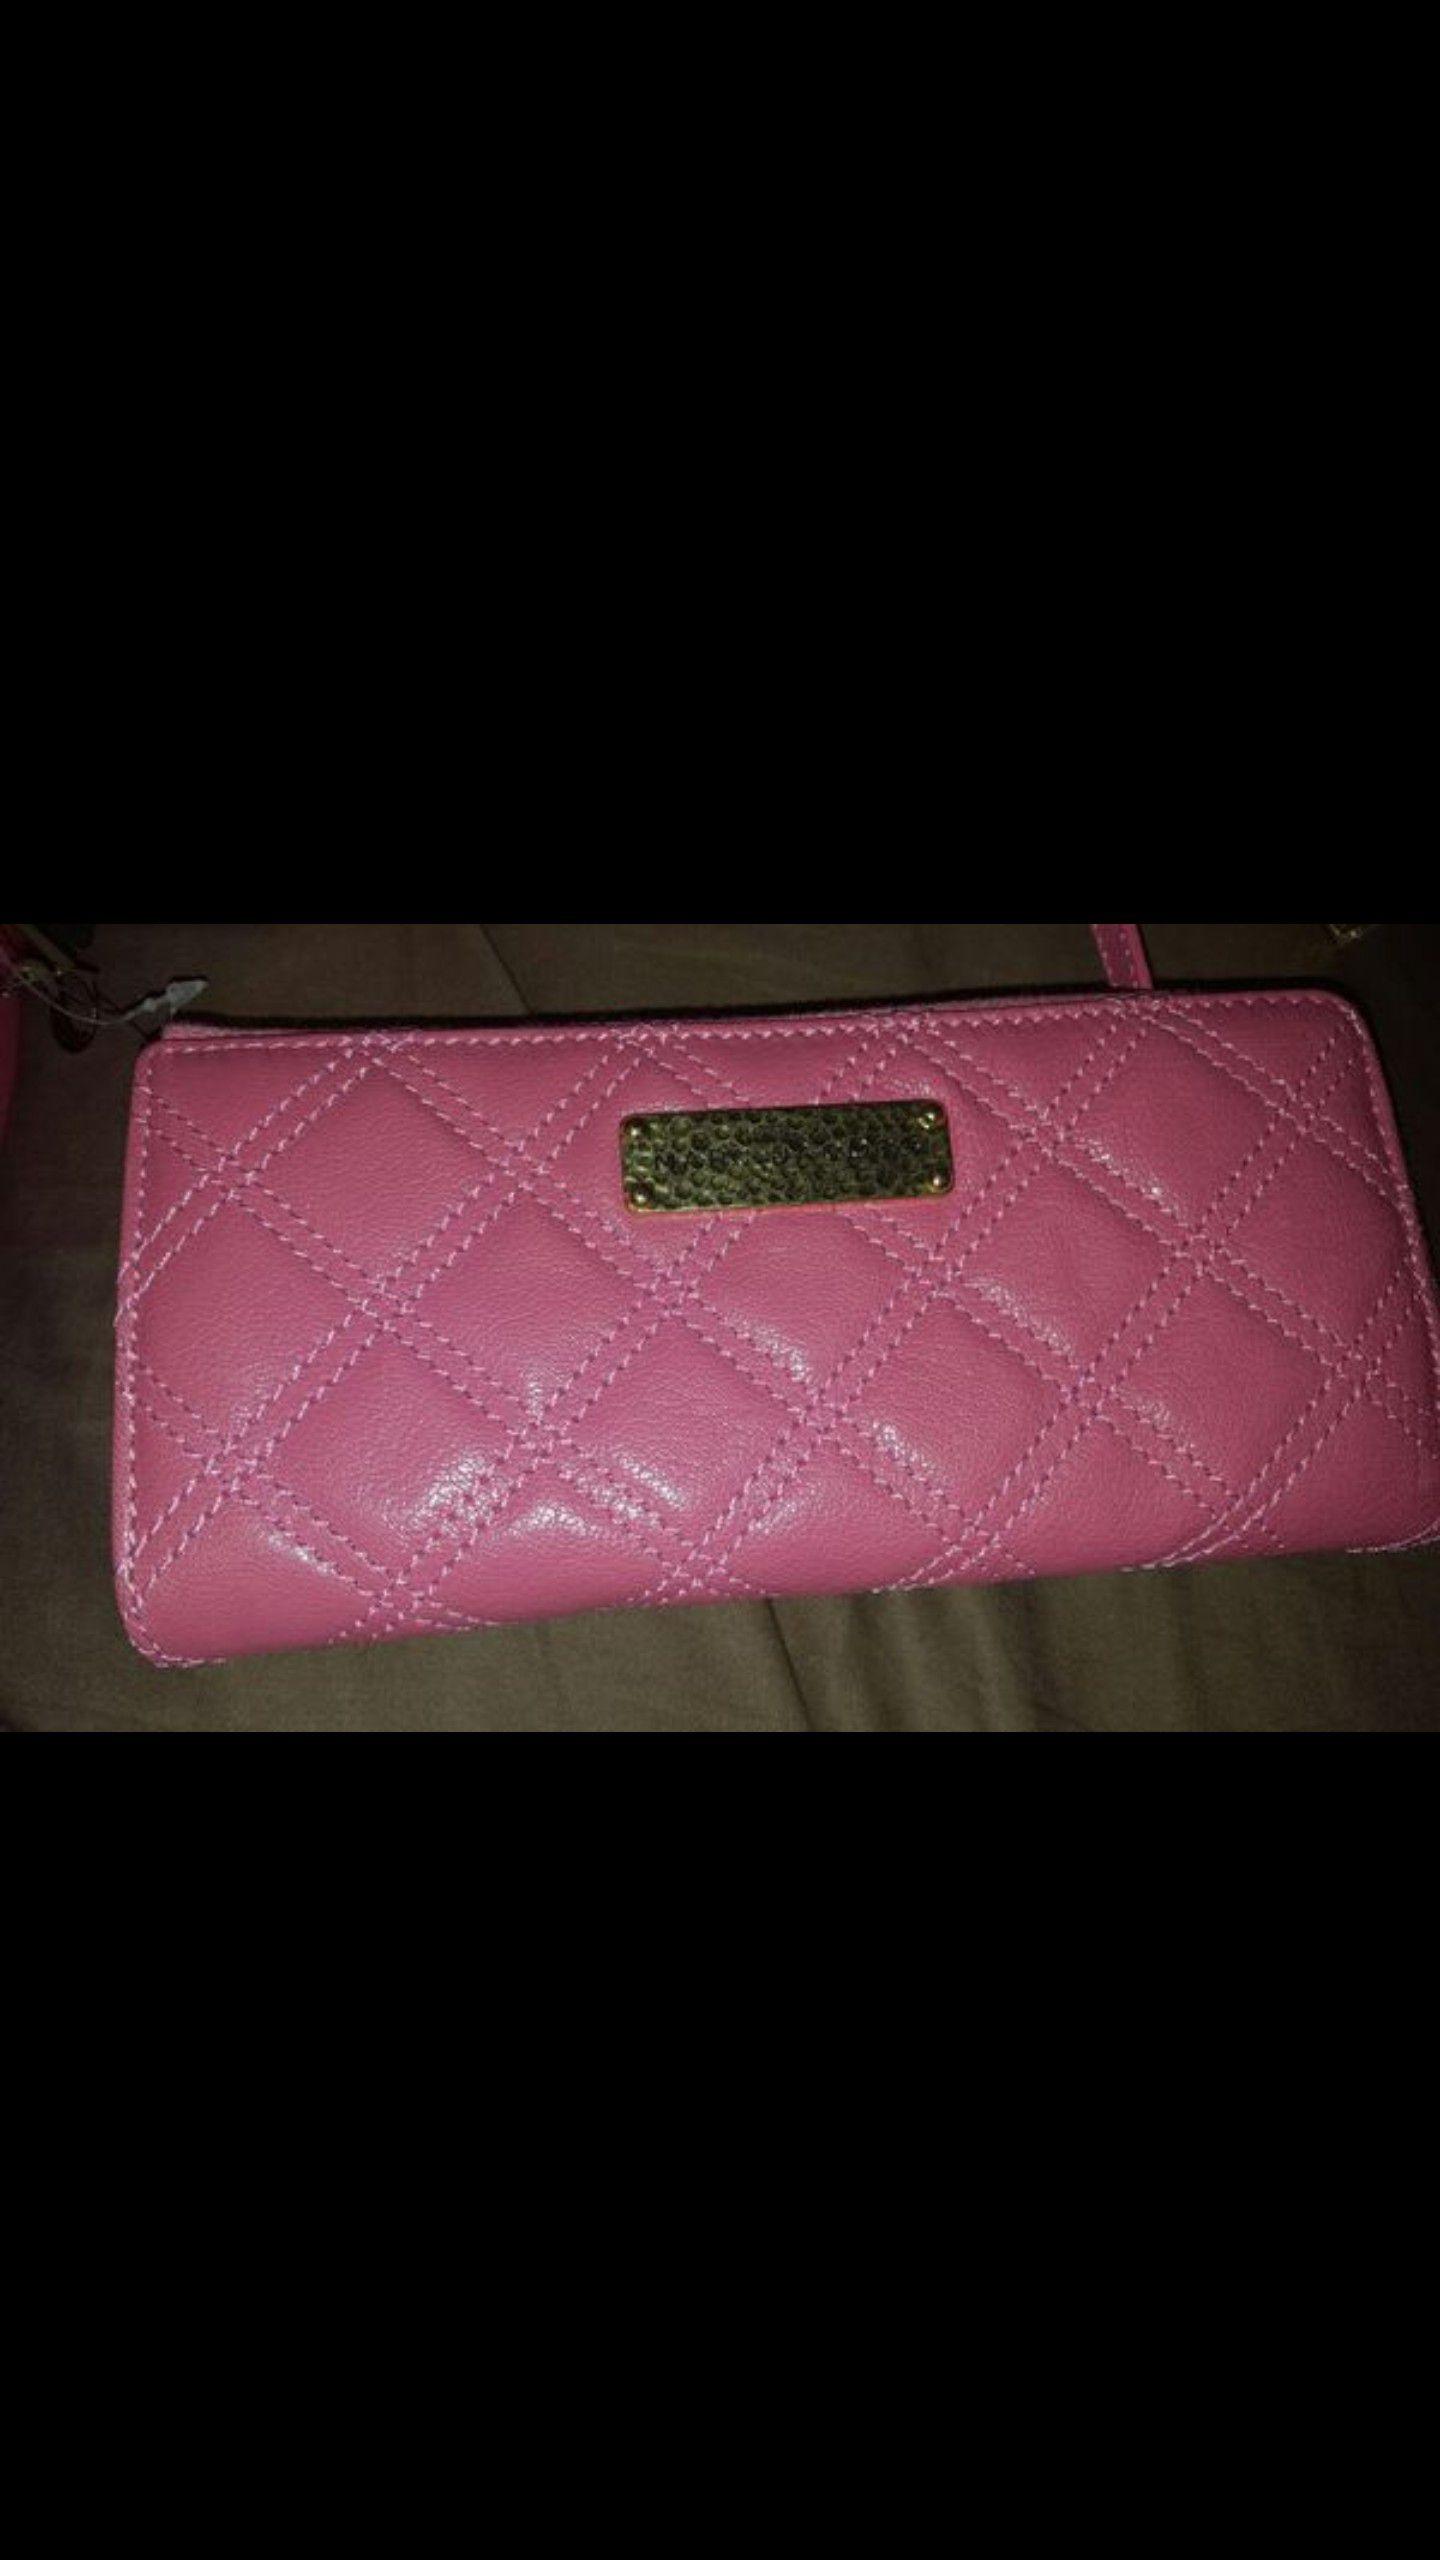 Marc Jacob's wallet authentic